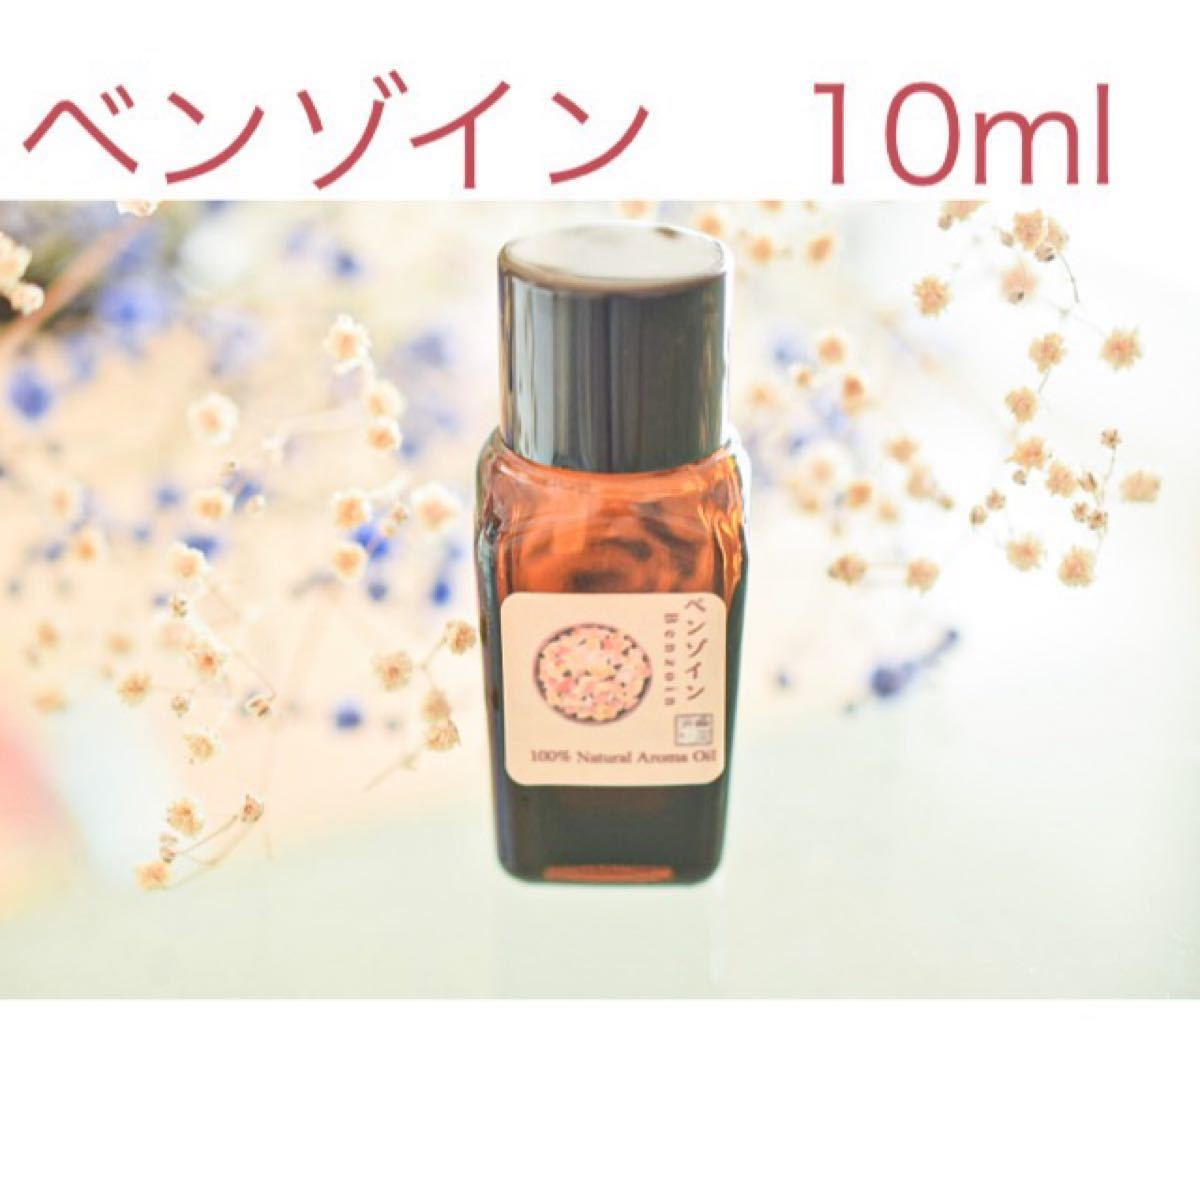 40%ベンゾイン オレンジスイート10ml アロマ用精油 エッセンシャルオイル